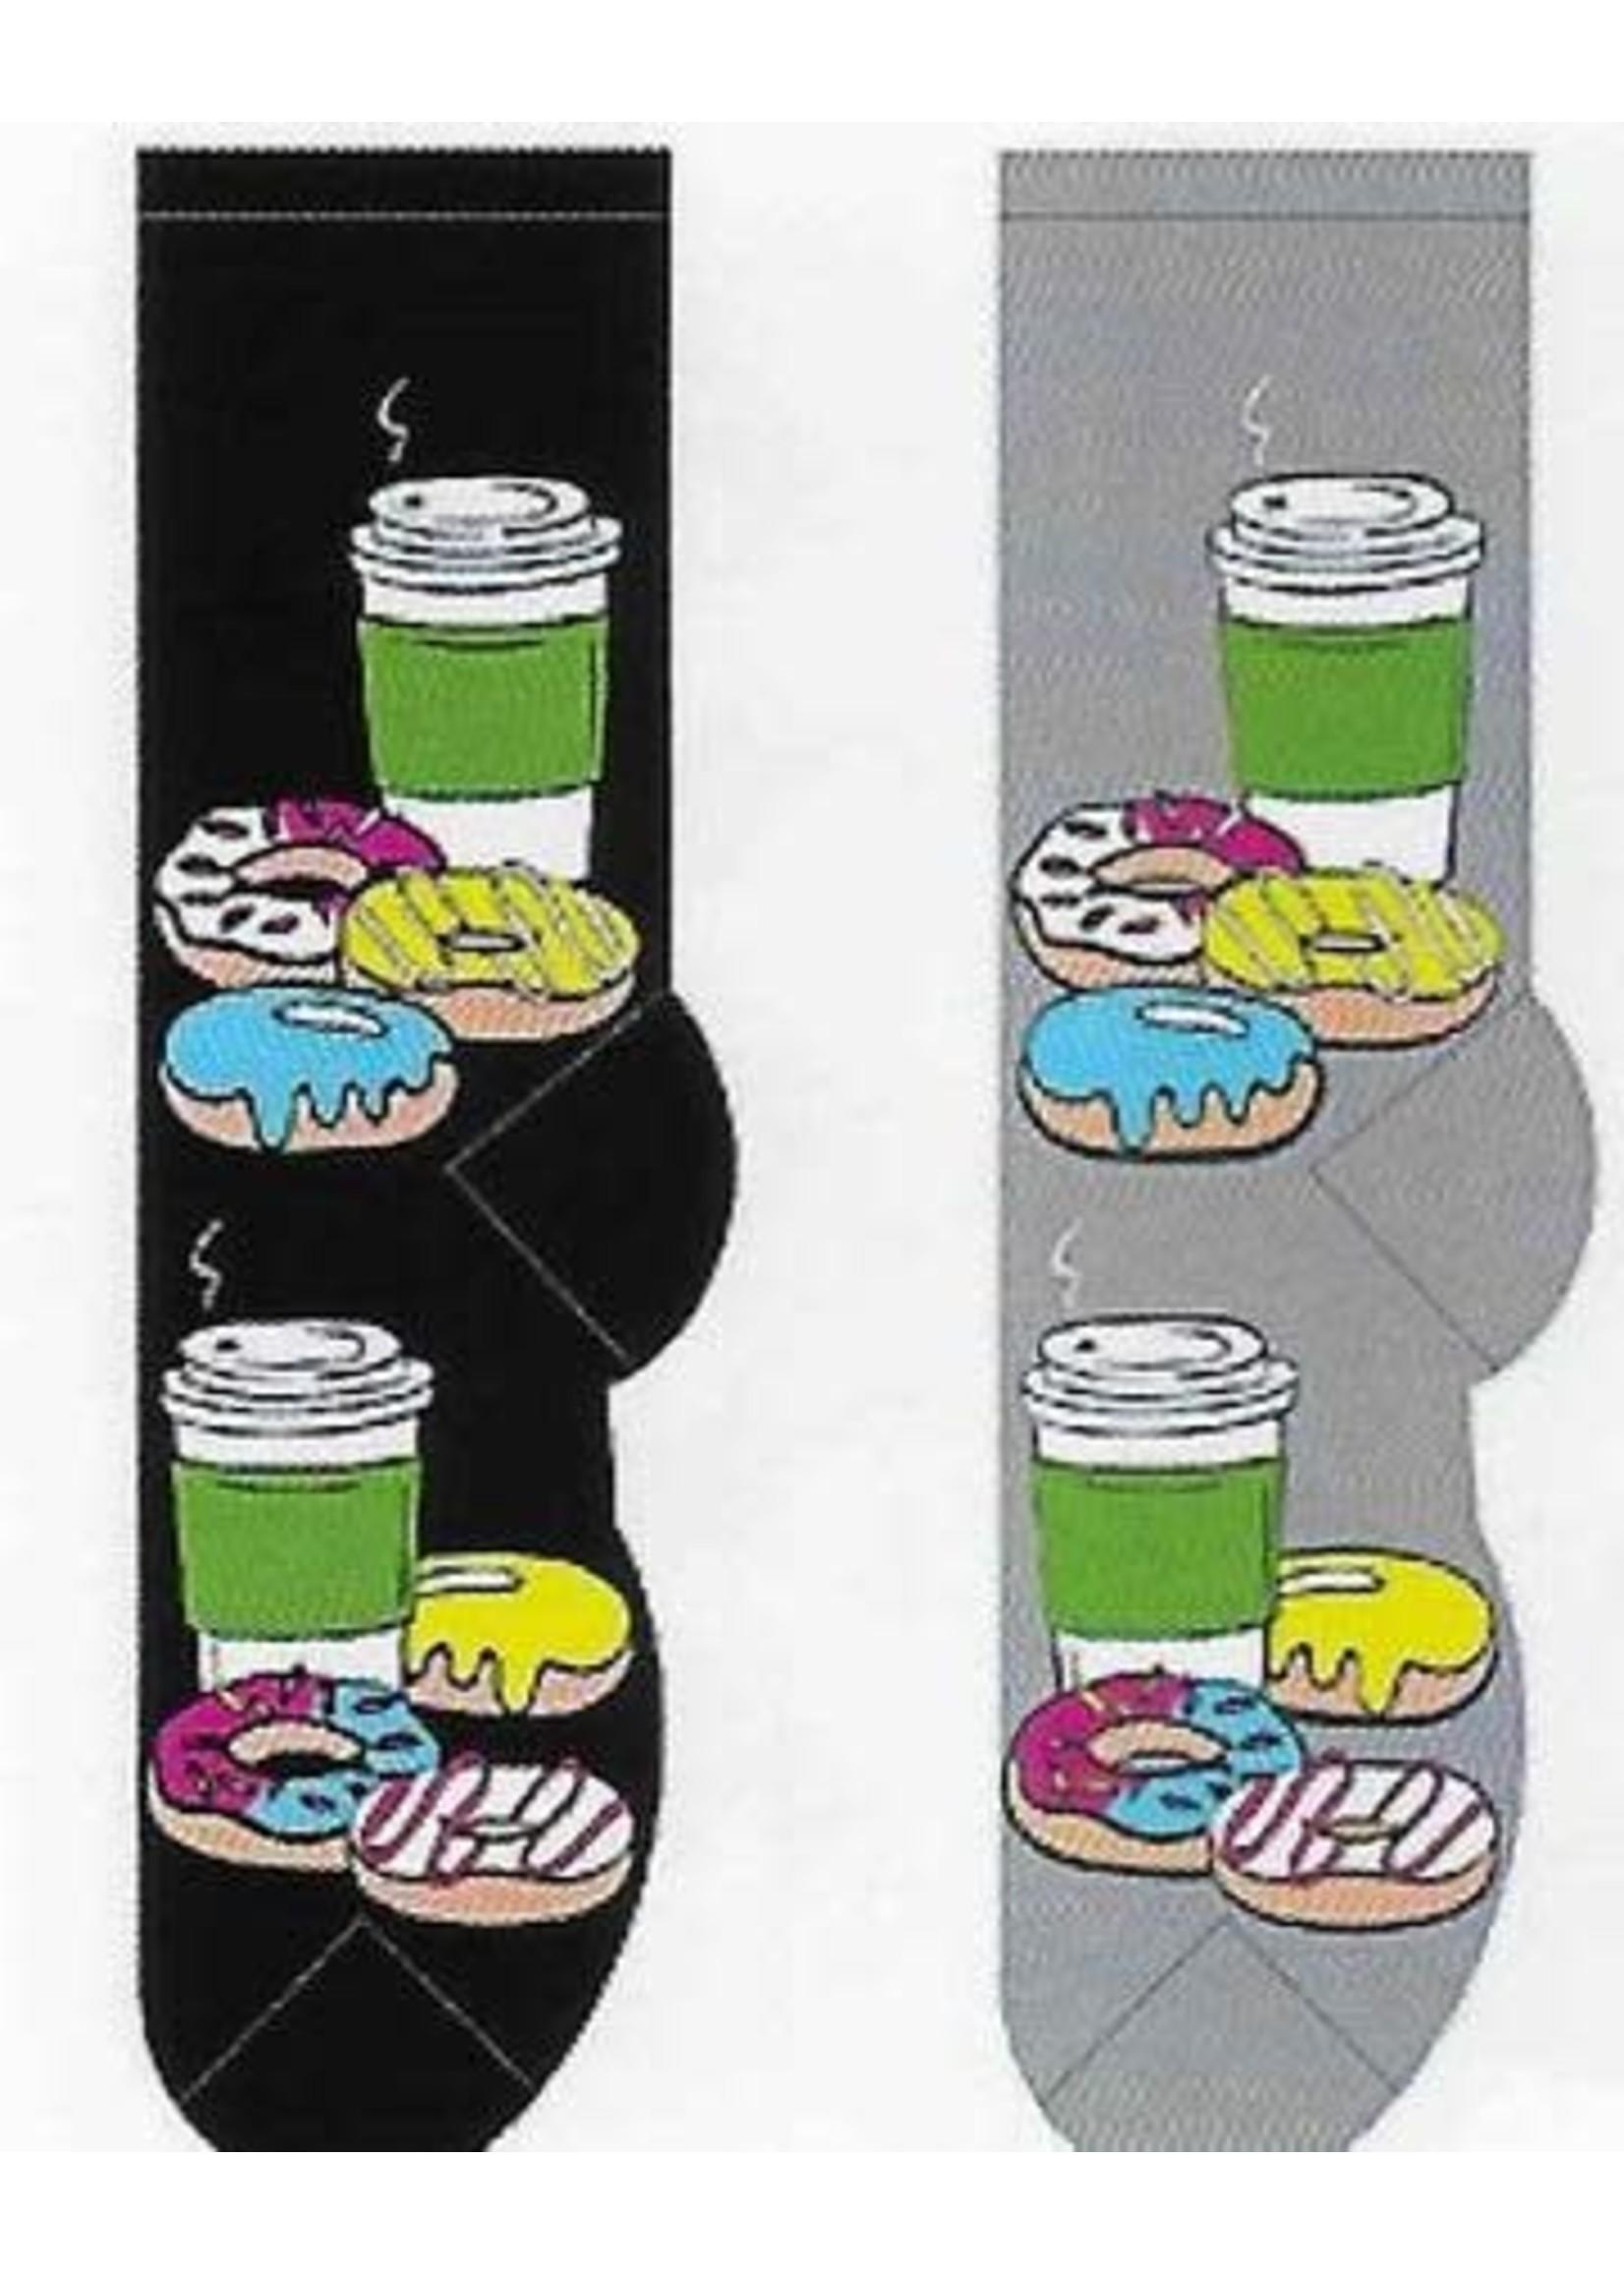 Foozys Donuts & Coffee To Go Socks